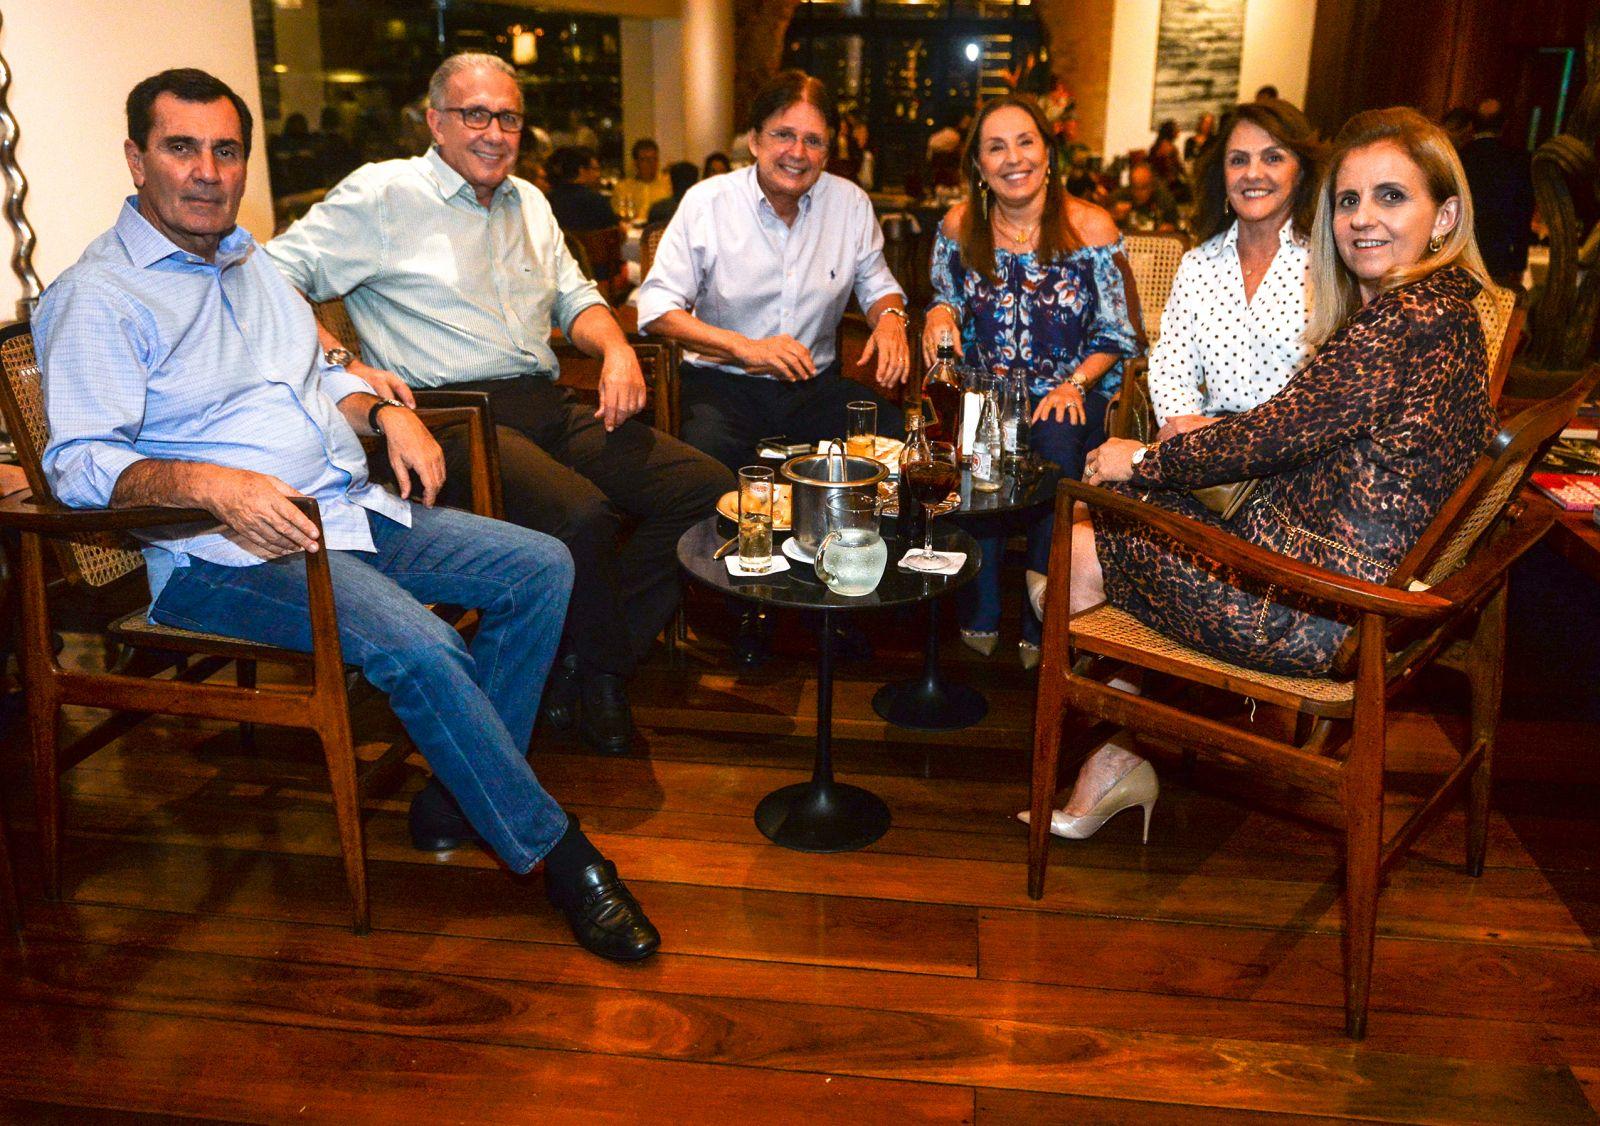 Três pesos pesados da construção, do ramo calçados e imobiliário, jantando no Amado com suas respectivas esposas